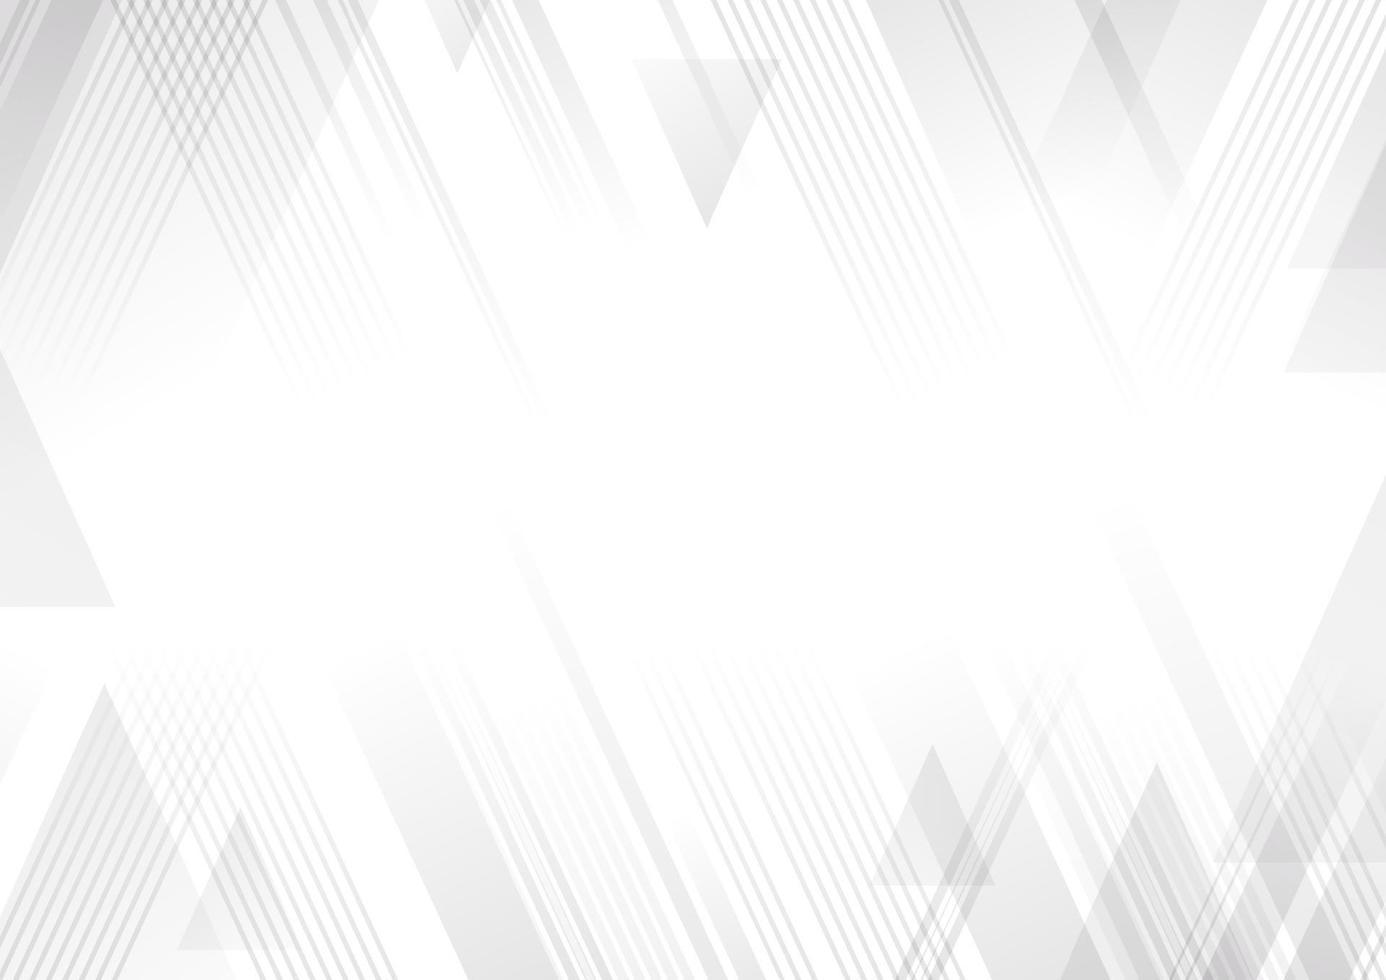 Ilustración de vector de fondo blanco y gris abstracto